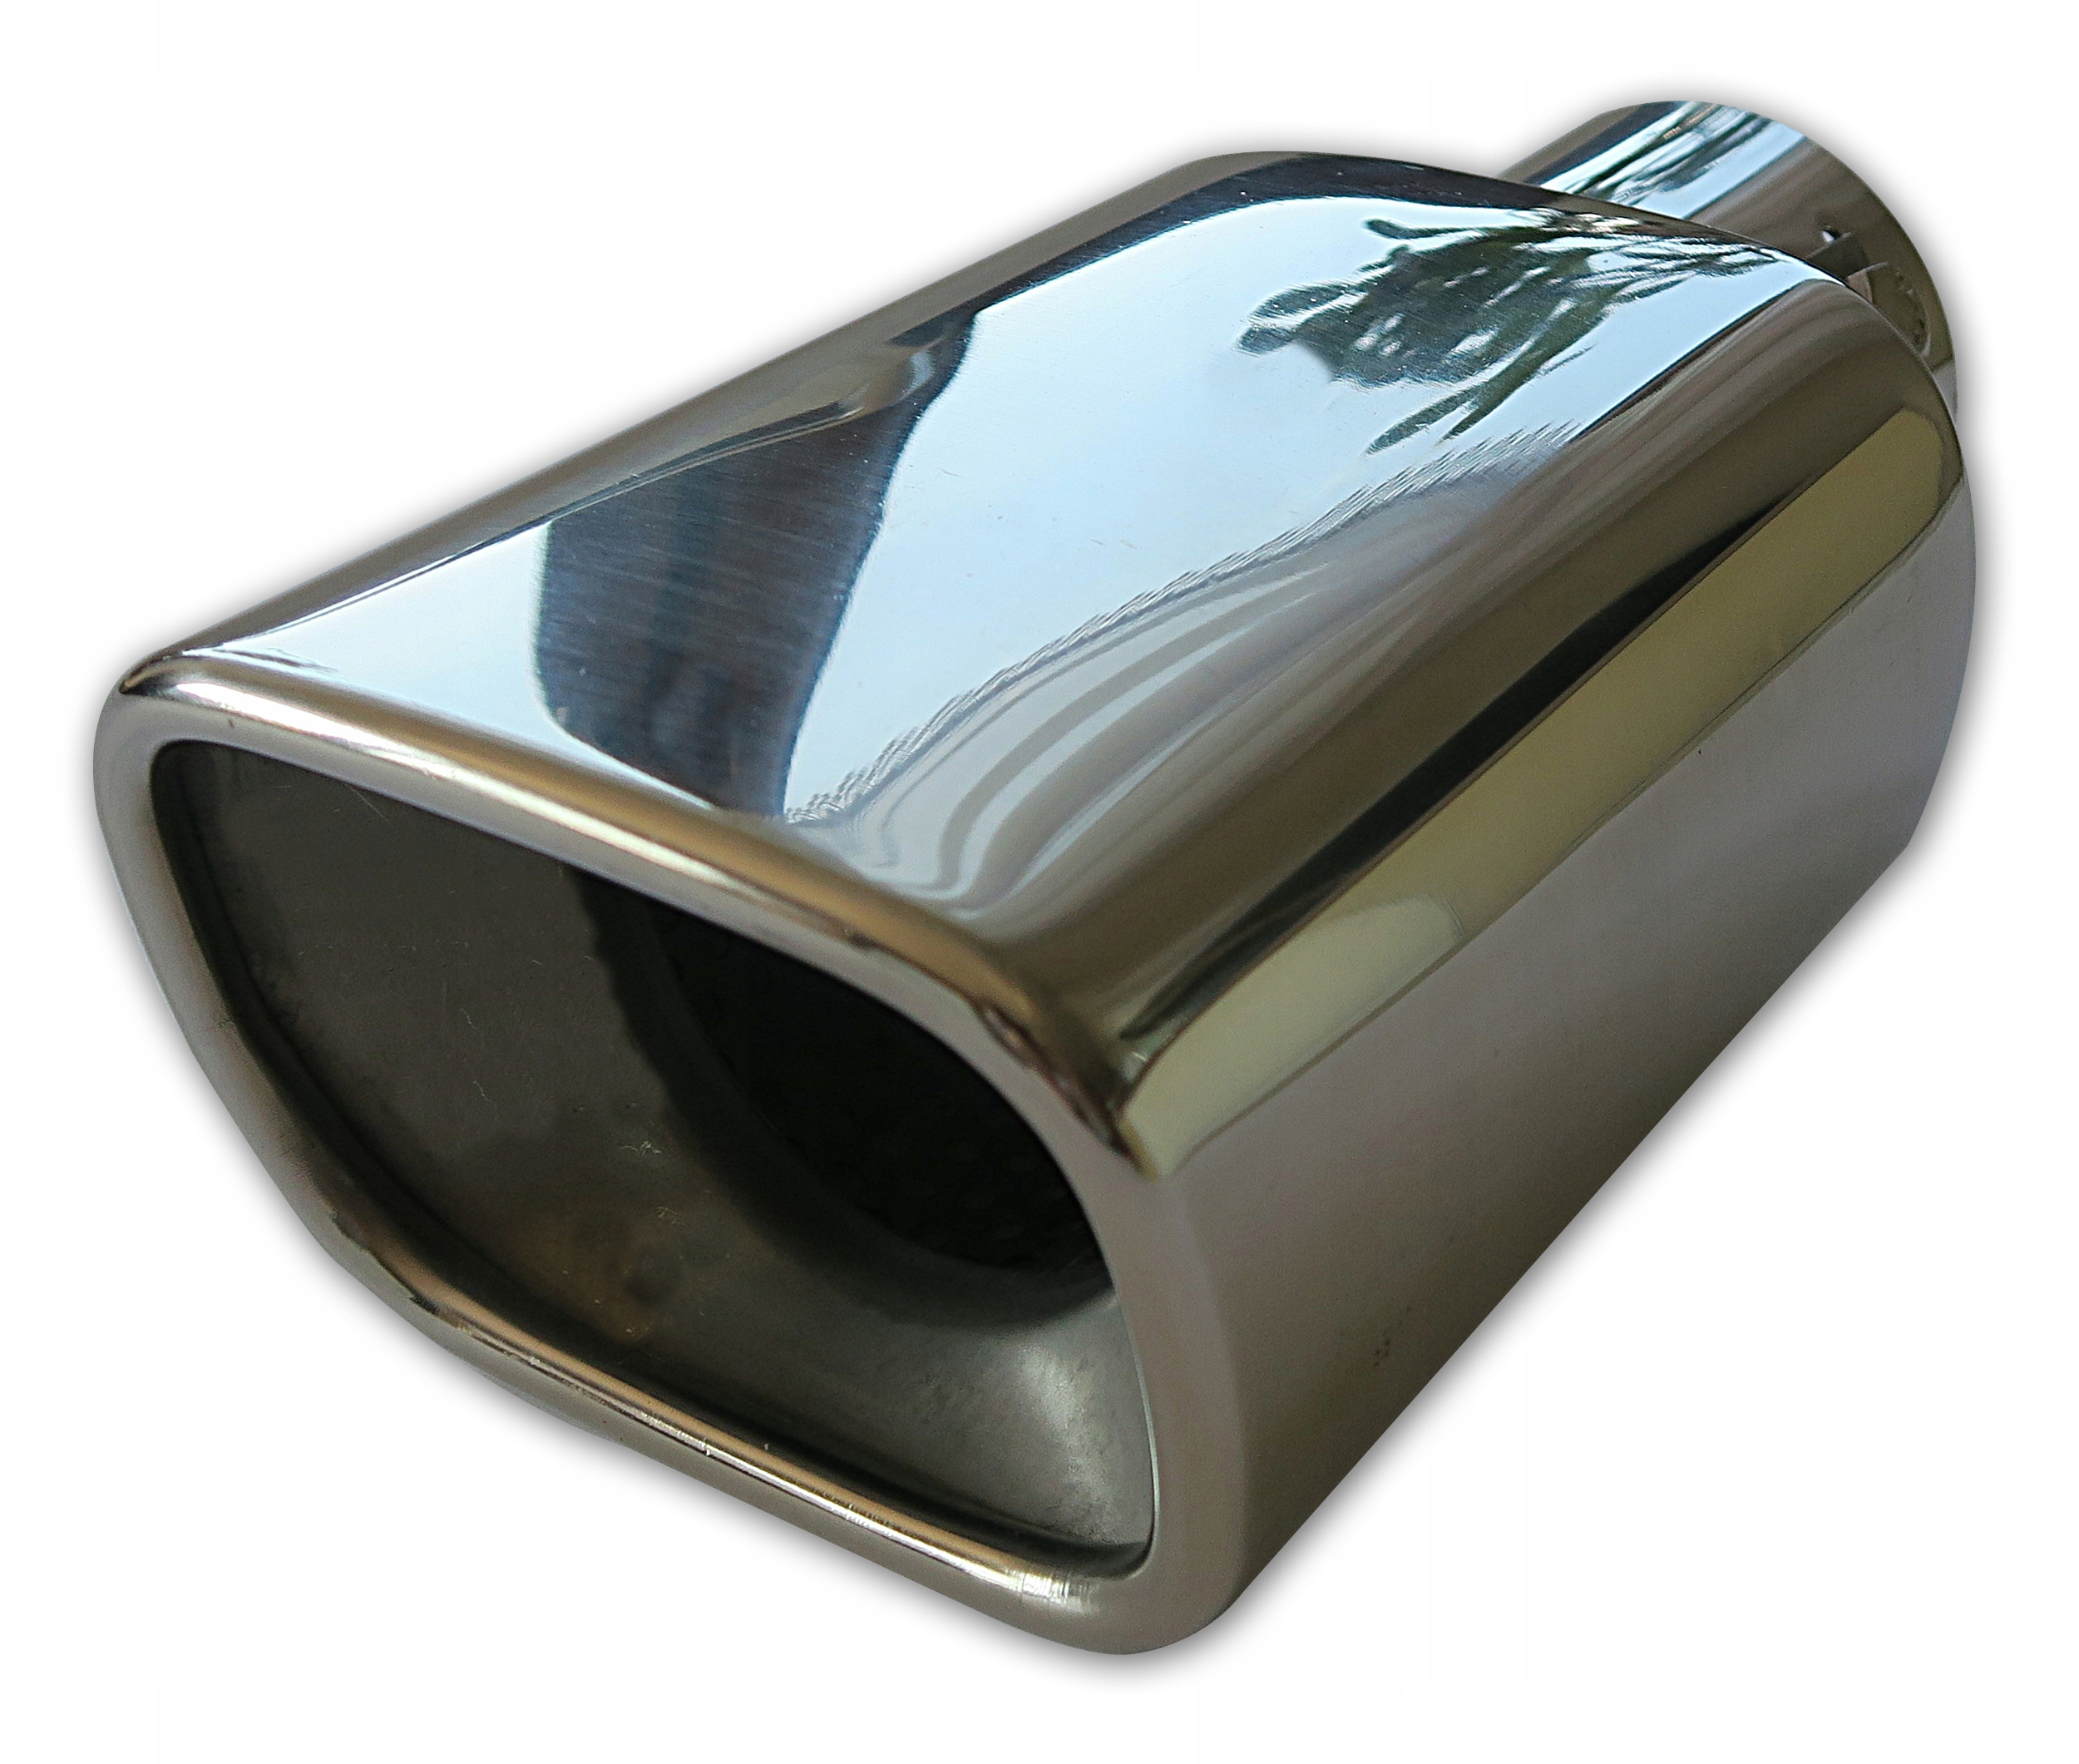 наконечник накладка на глушитель - сталь примененияи диффузор